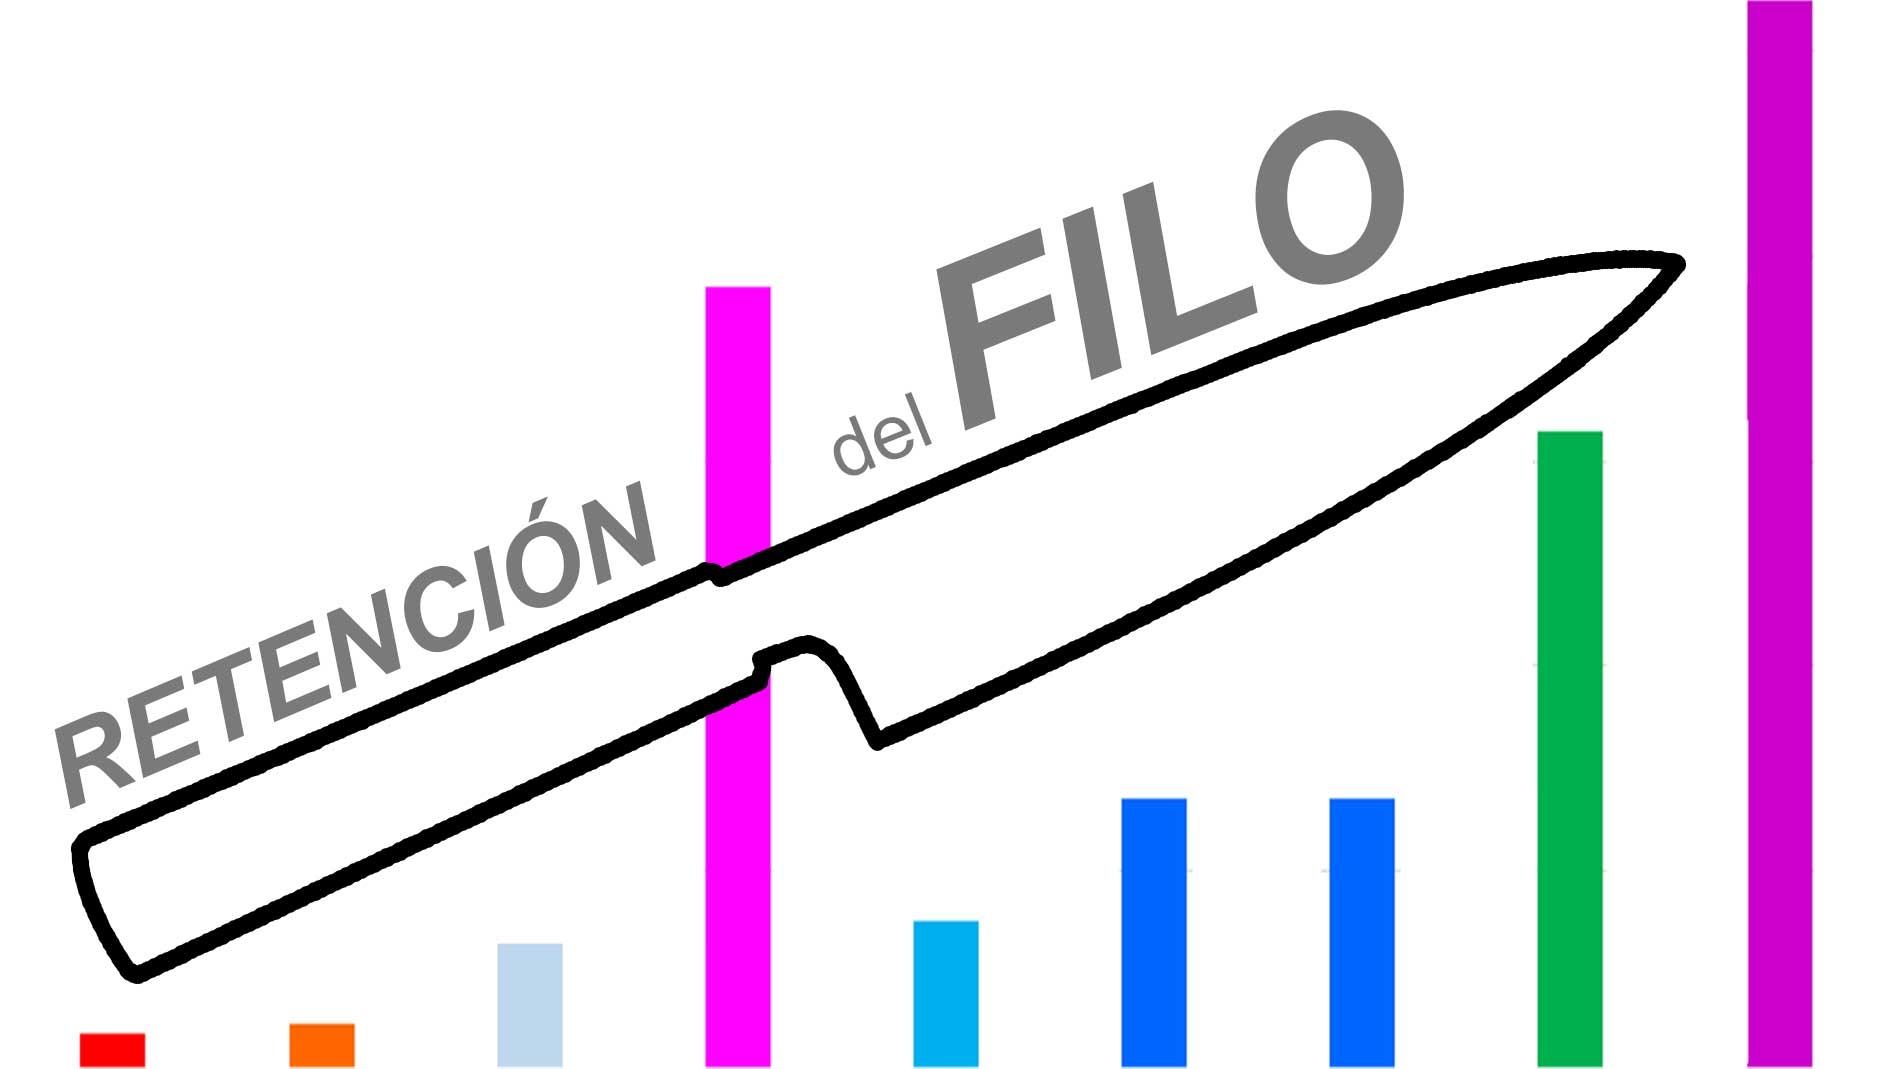 Maxima-Retencion-Mejores cuchillos de cocina x RETENCIÓN del FILO x Gubia PE-max-1.